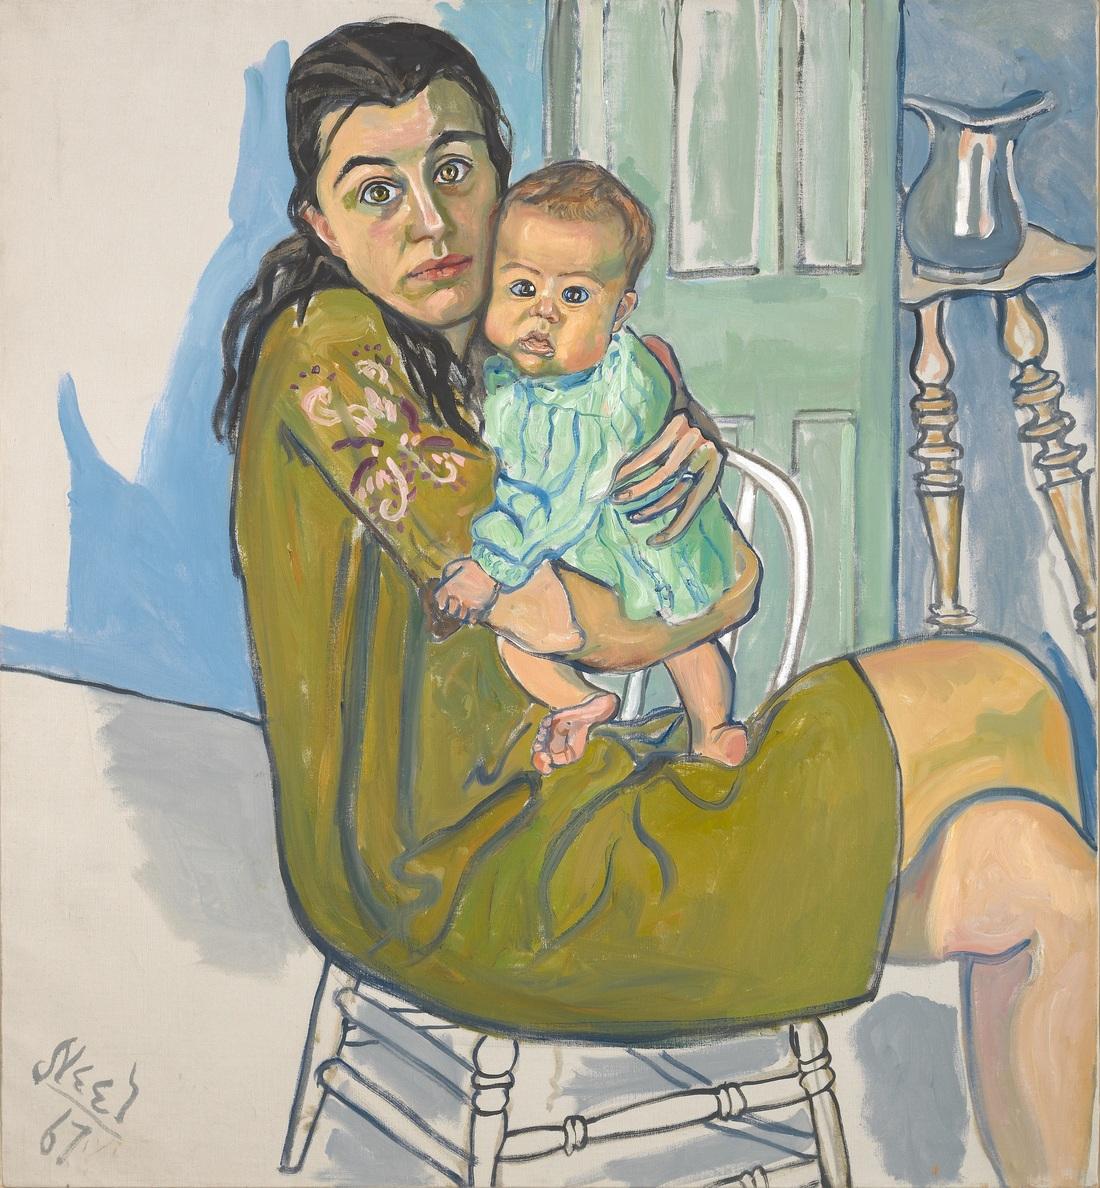 Painter Alice Neel Gets Major Met: NPR Retrospective